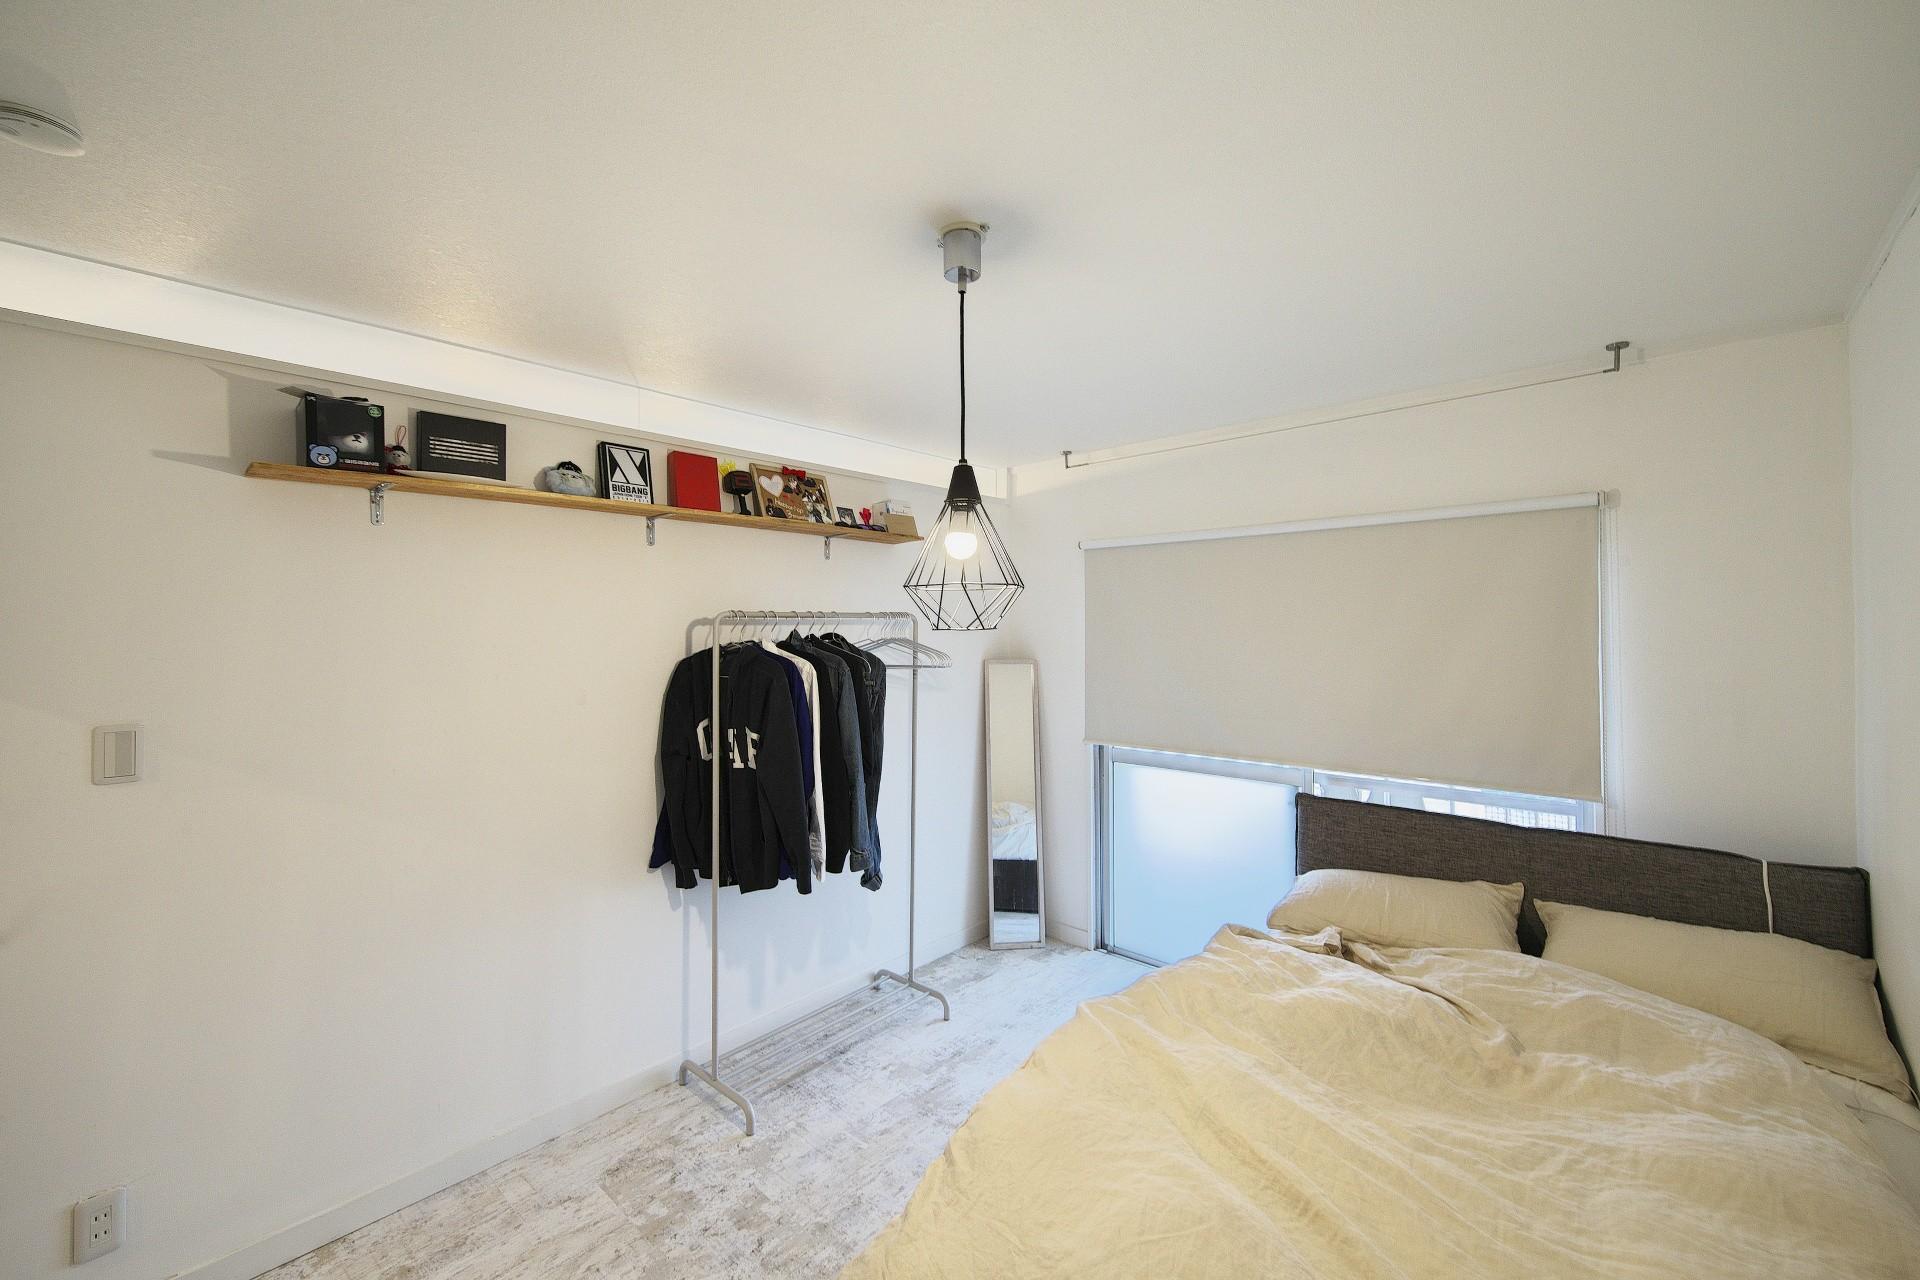 ベッドルーム事例:個室(中古マンションと「私たちらしい、住まい。」)